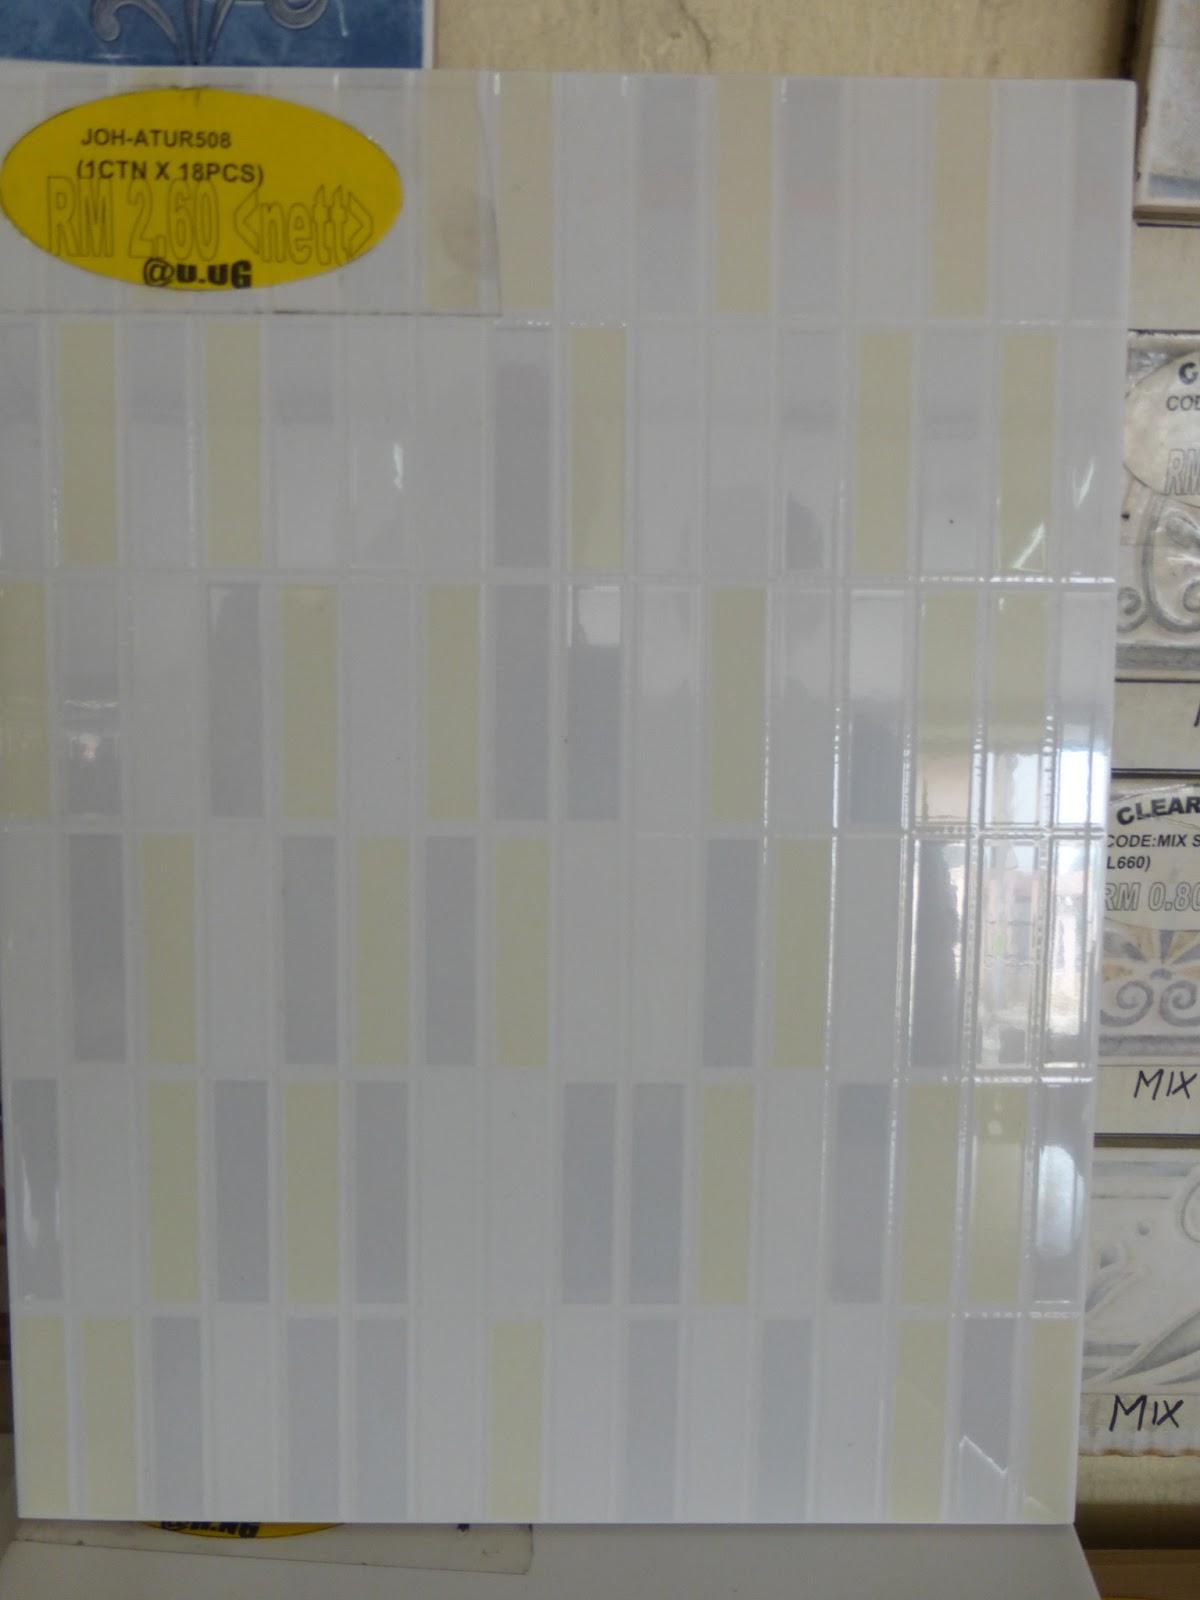 Kisah 1001 Macam: Harga TIles - tempat tiles murah - RENO PART 1